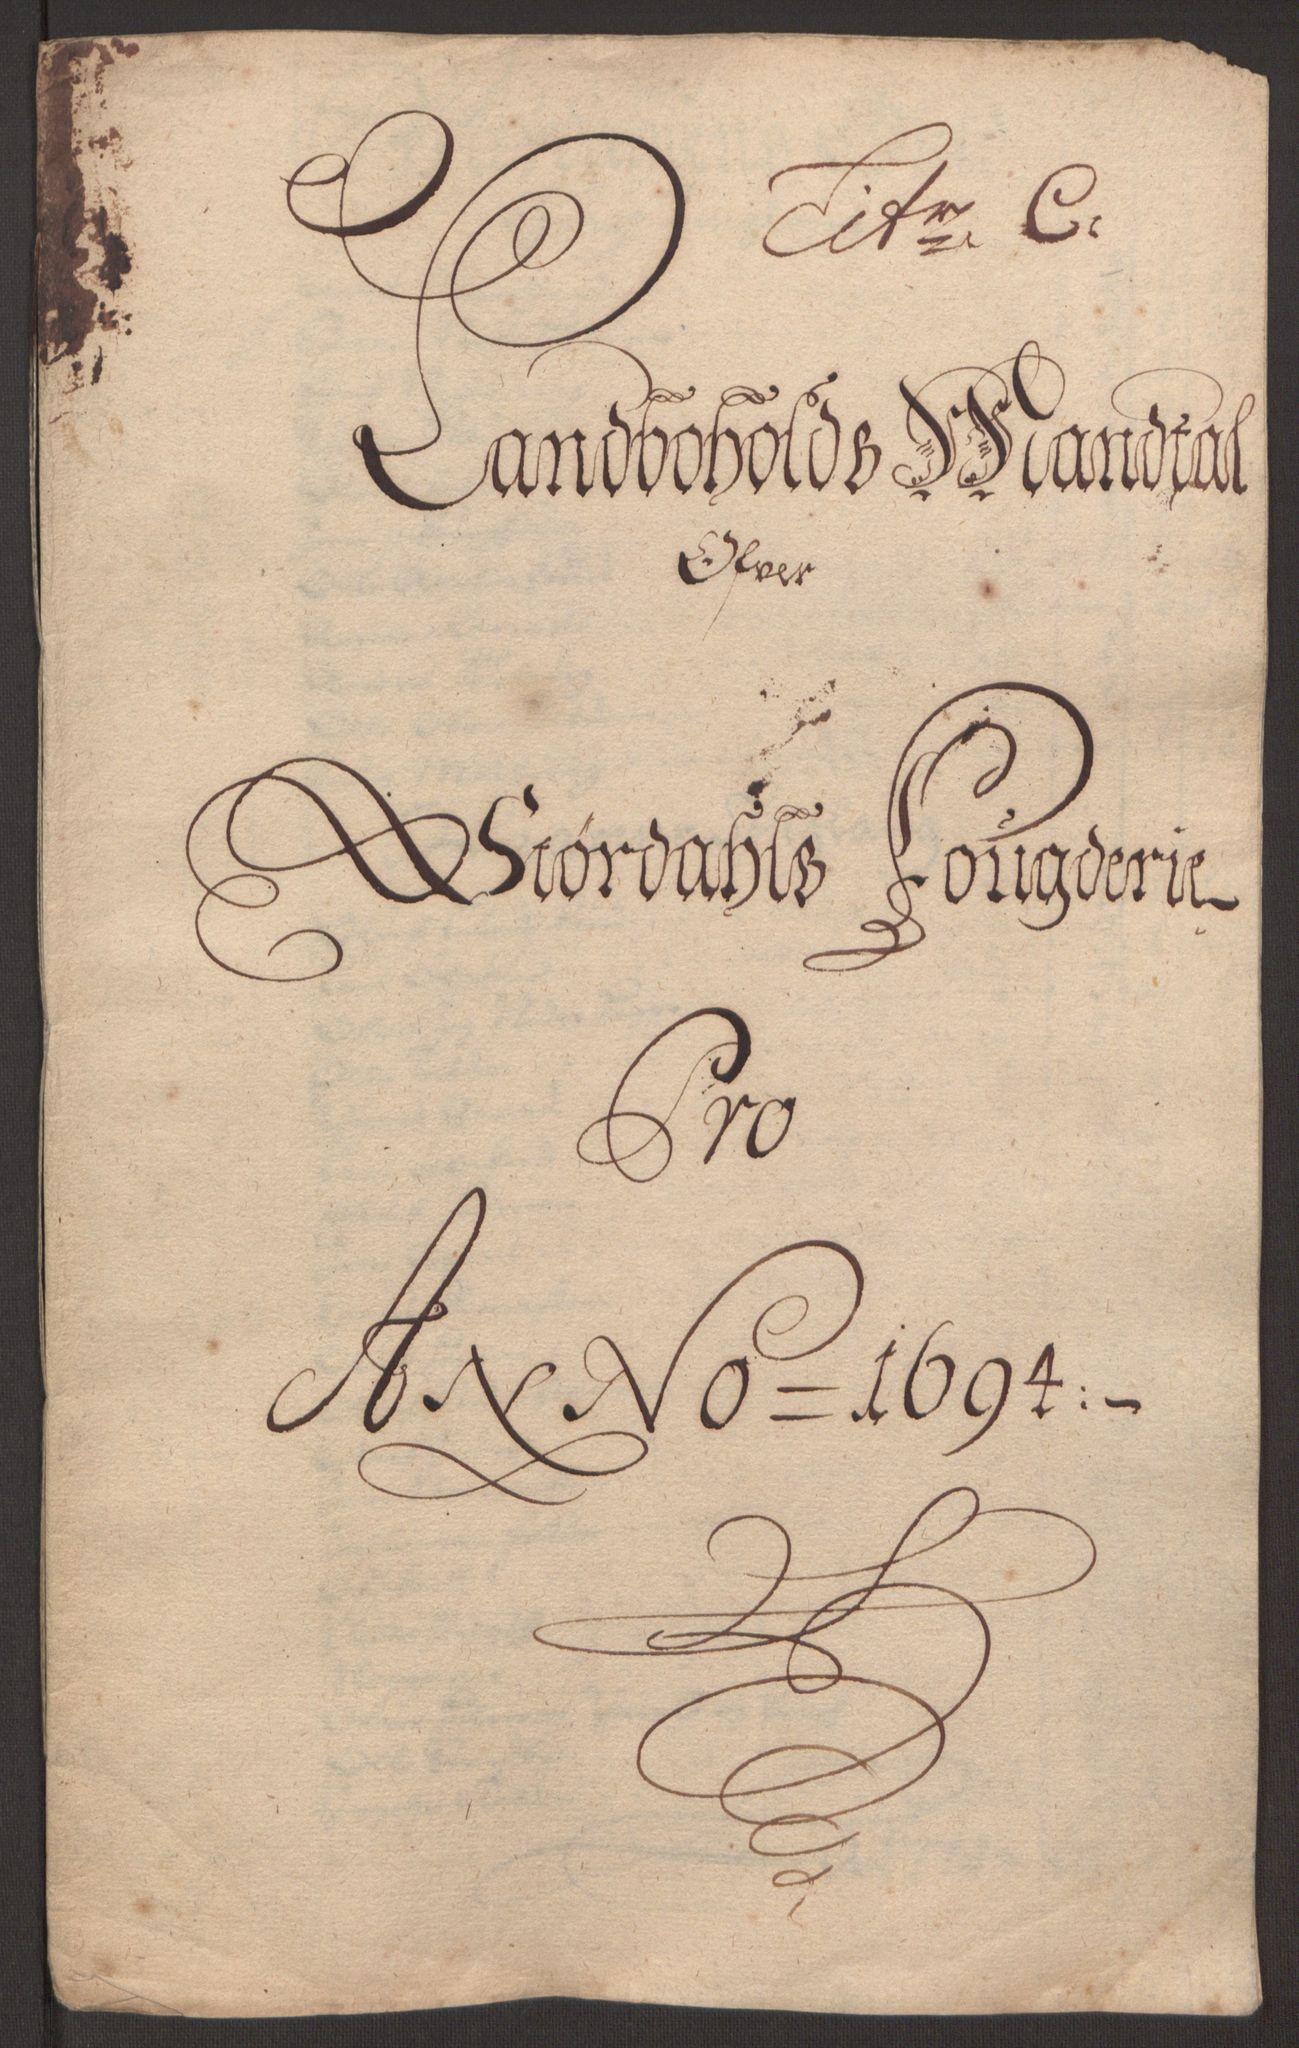 RA, Rentekammeret inntil 1814, Reviderte regnskaper, Fogderegnskap, R62/L4186: Fogderegnskap Stjørdal og Verdal, 1693-1694, s. 195